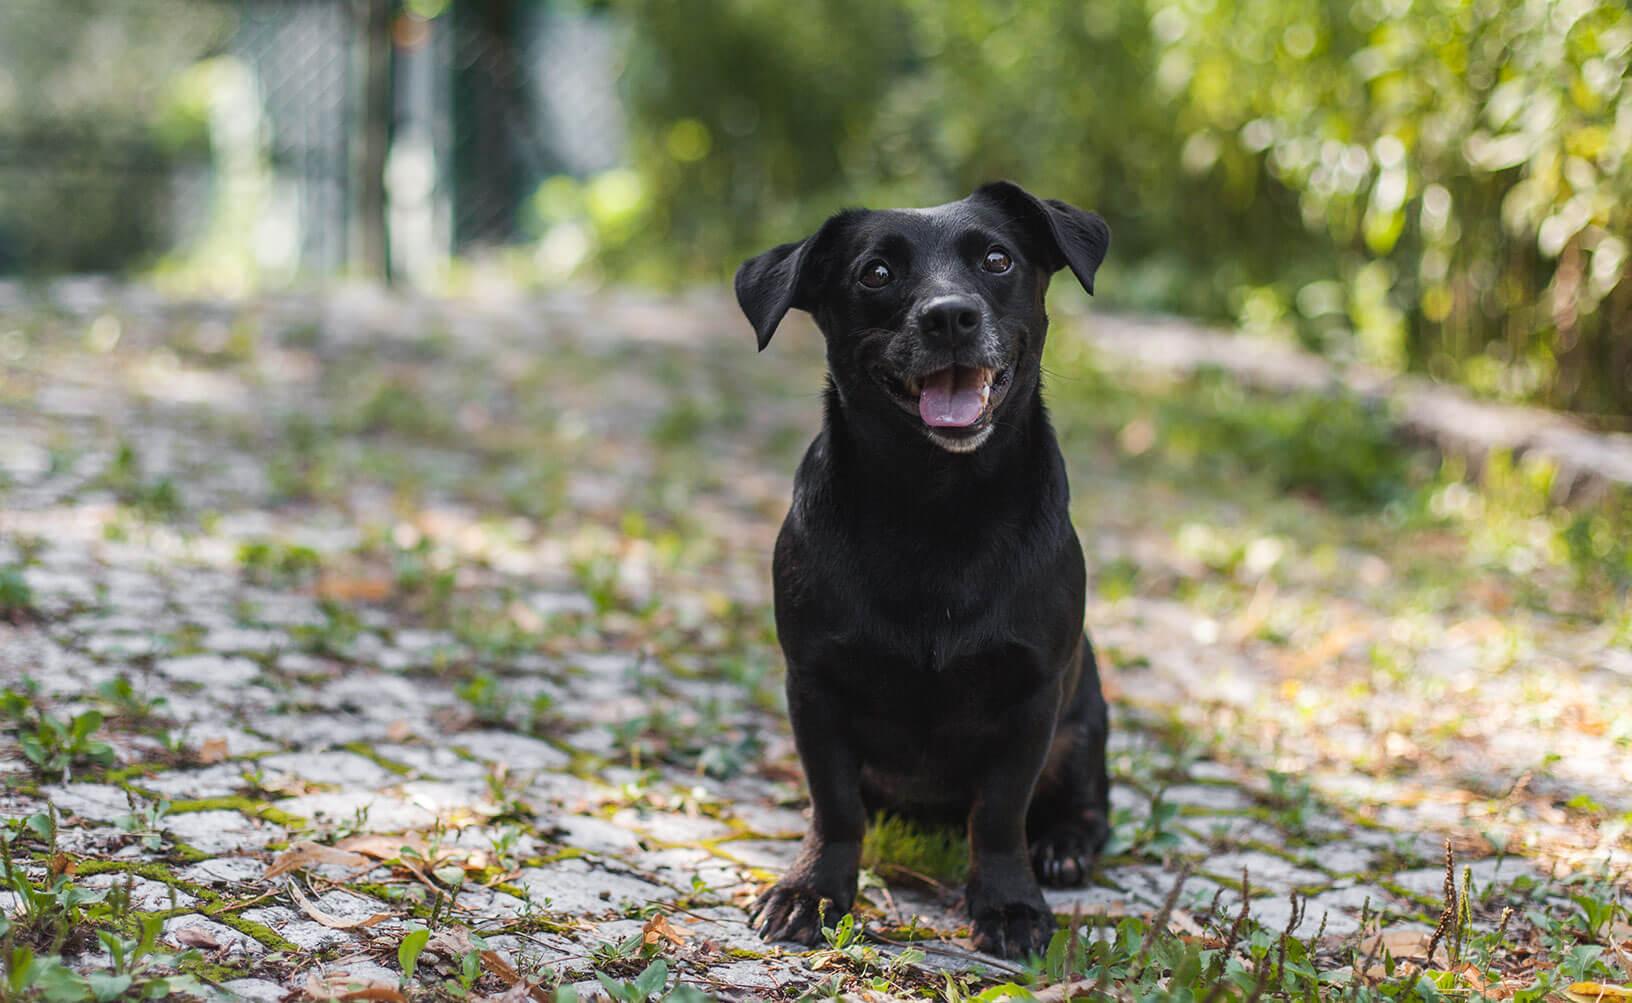 Die Stadthunde Madeleine Alizadeh Mala Portrait Adopt don't shop Tierschutz Jolly Schwarz Photography Alexandra Stalzer Grafikdesign Wien Hunde Stadt